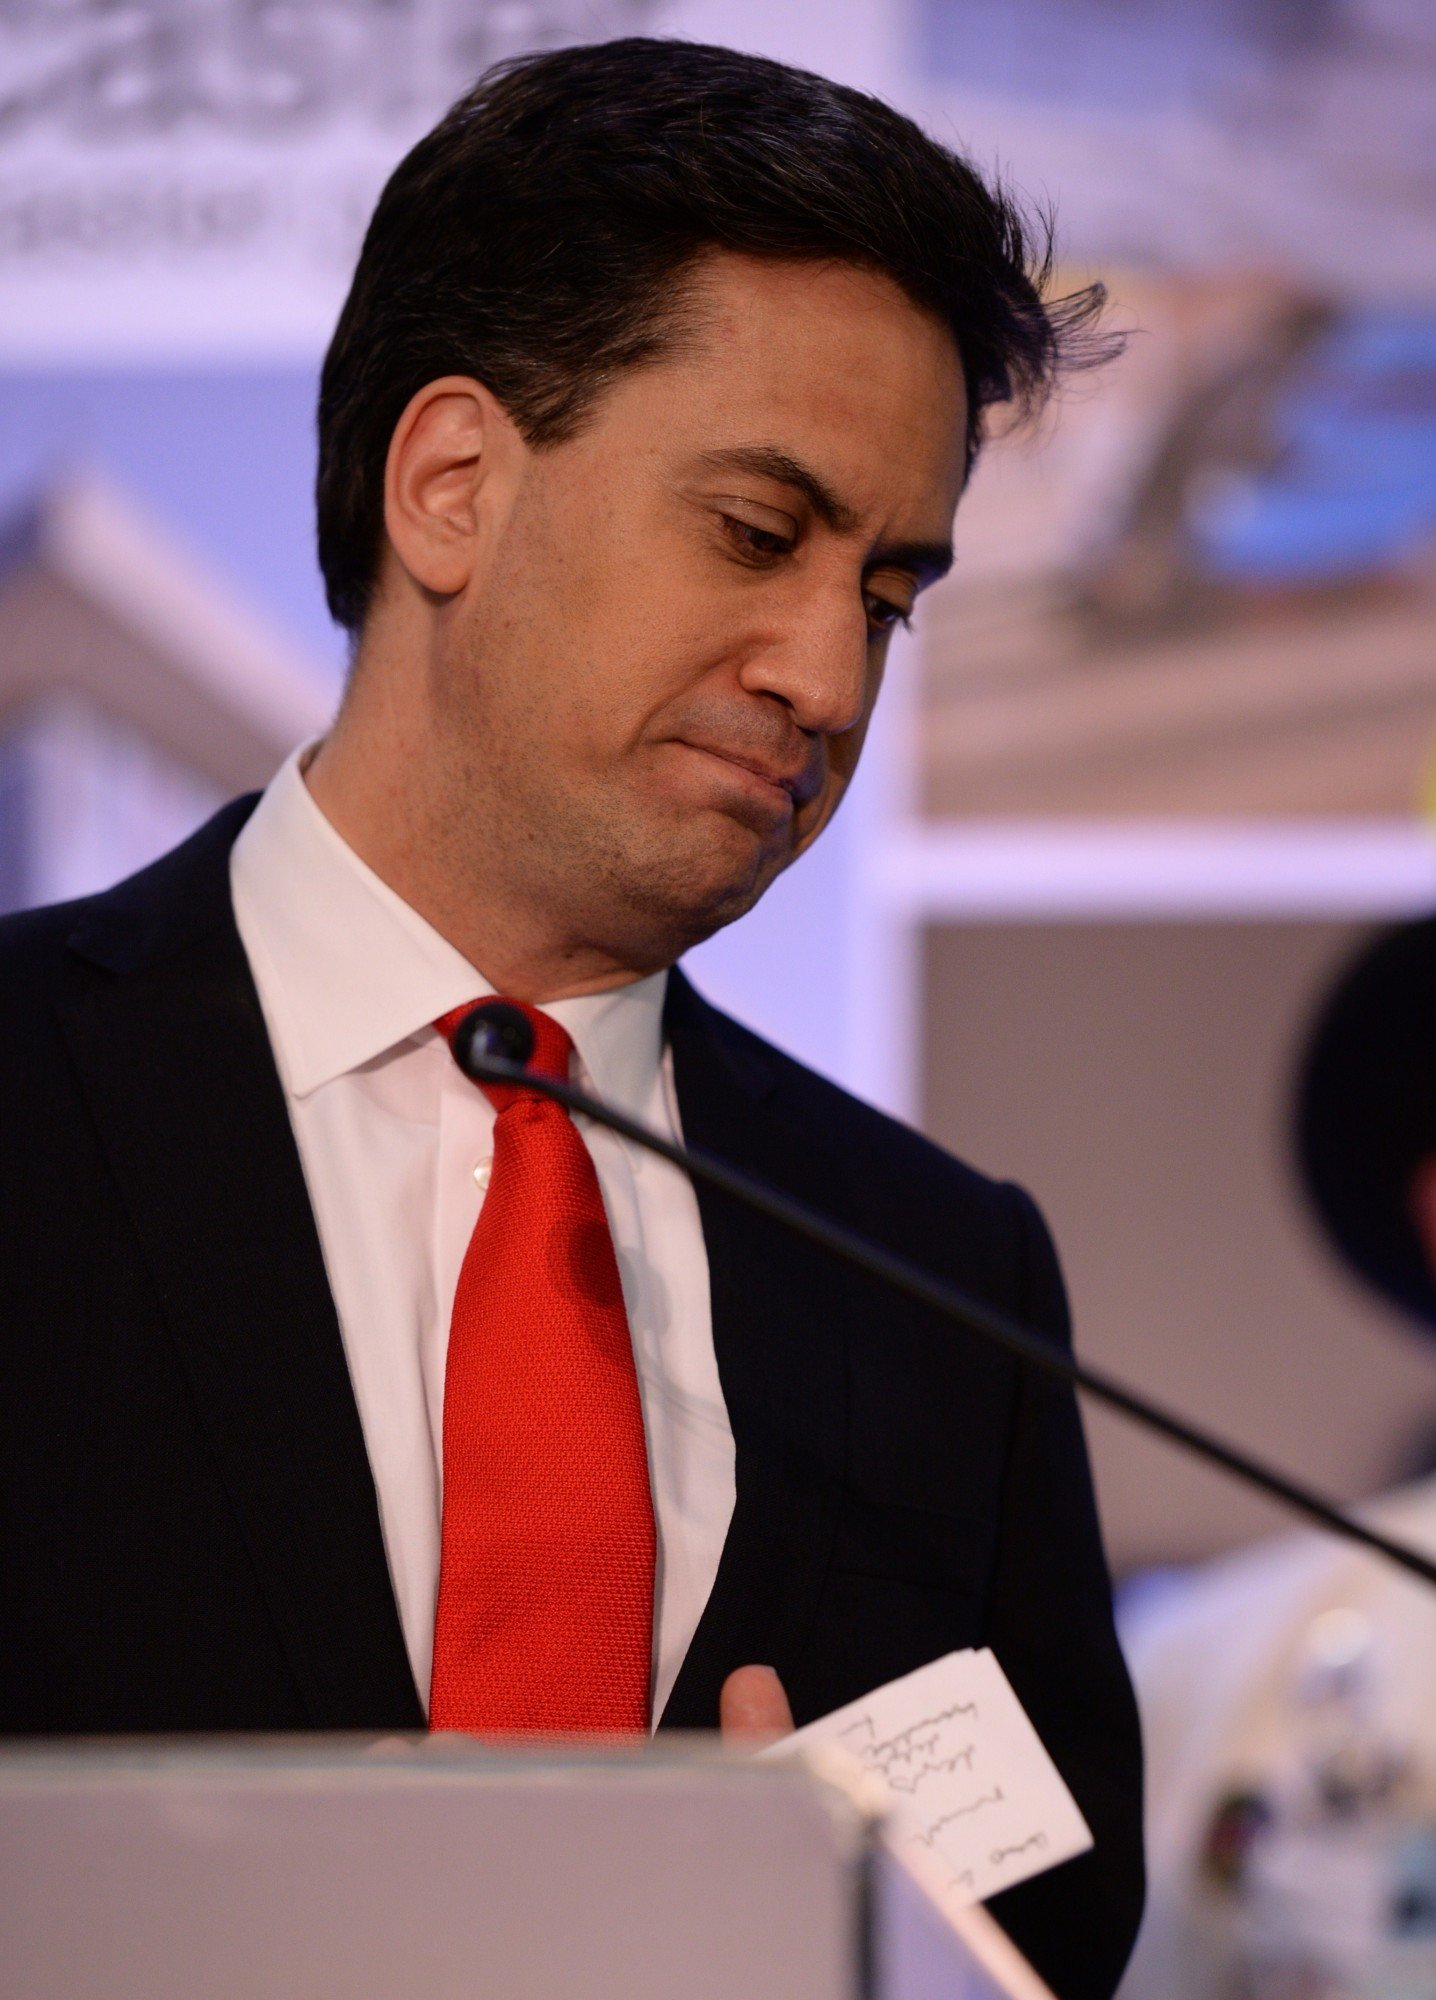 Ed Miliband é líder do Partido Trabalhista desde 2010. Depois do desaire destas eleições, demitiu-se. (OLI SCARFF/AFP/Getty Images)